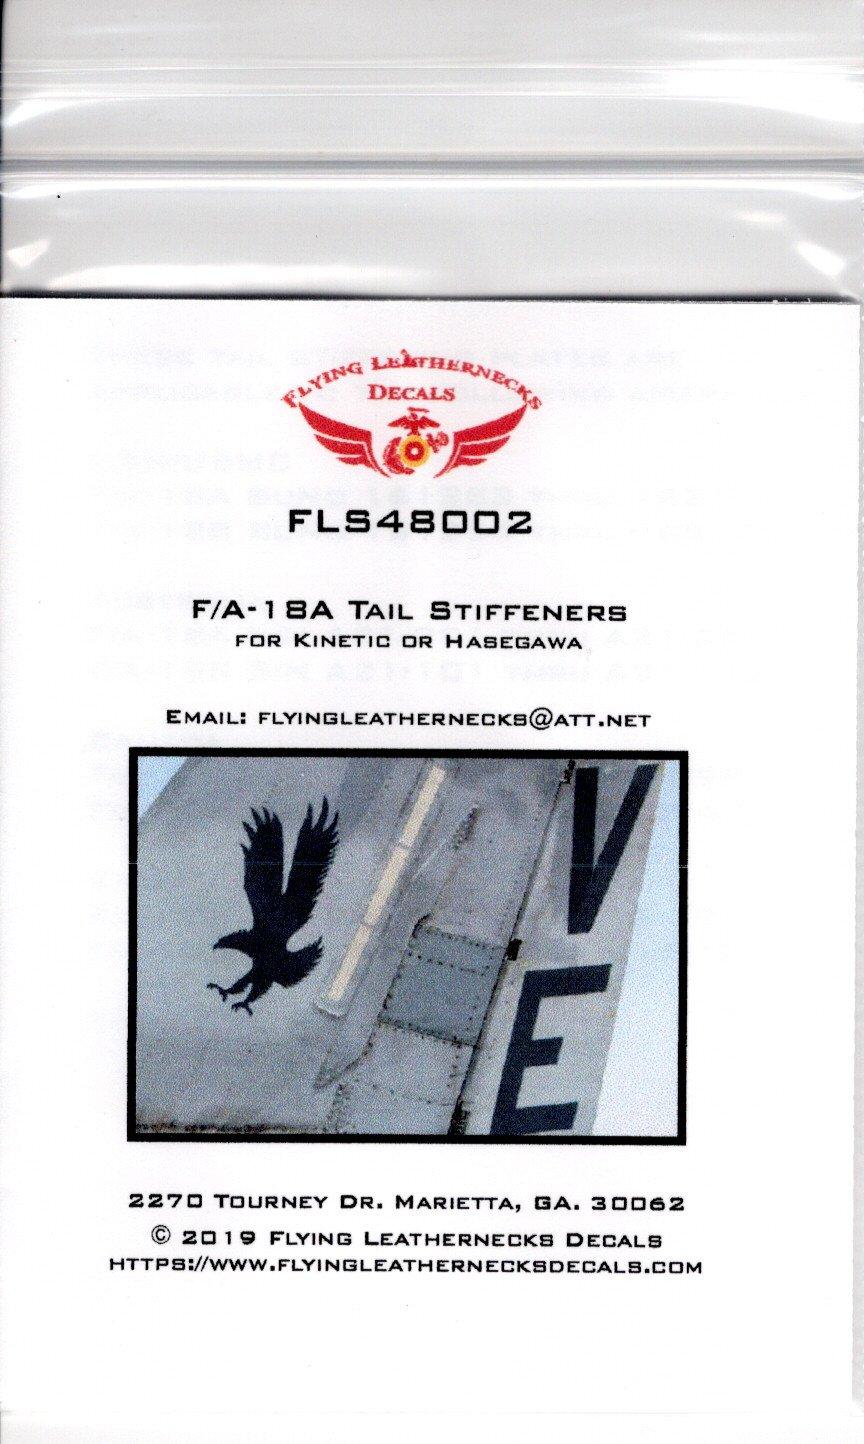 FLS48002